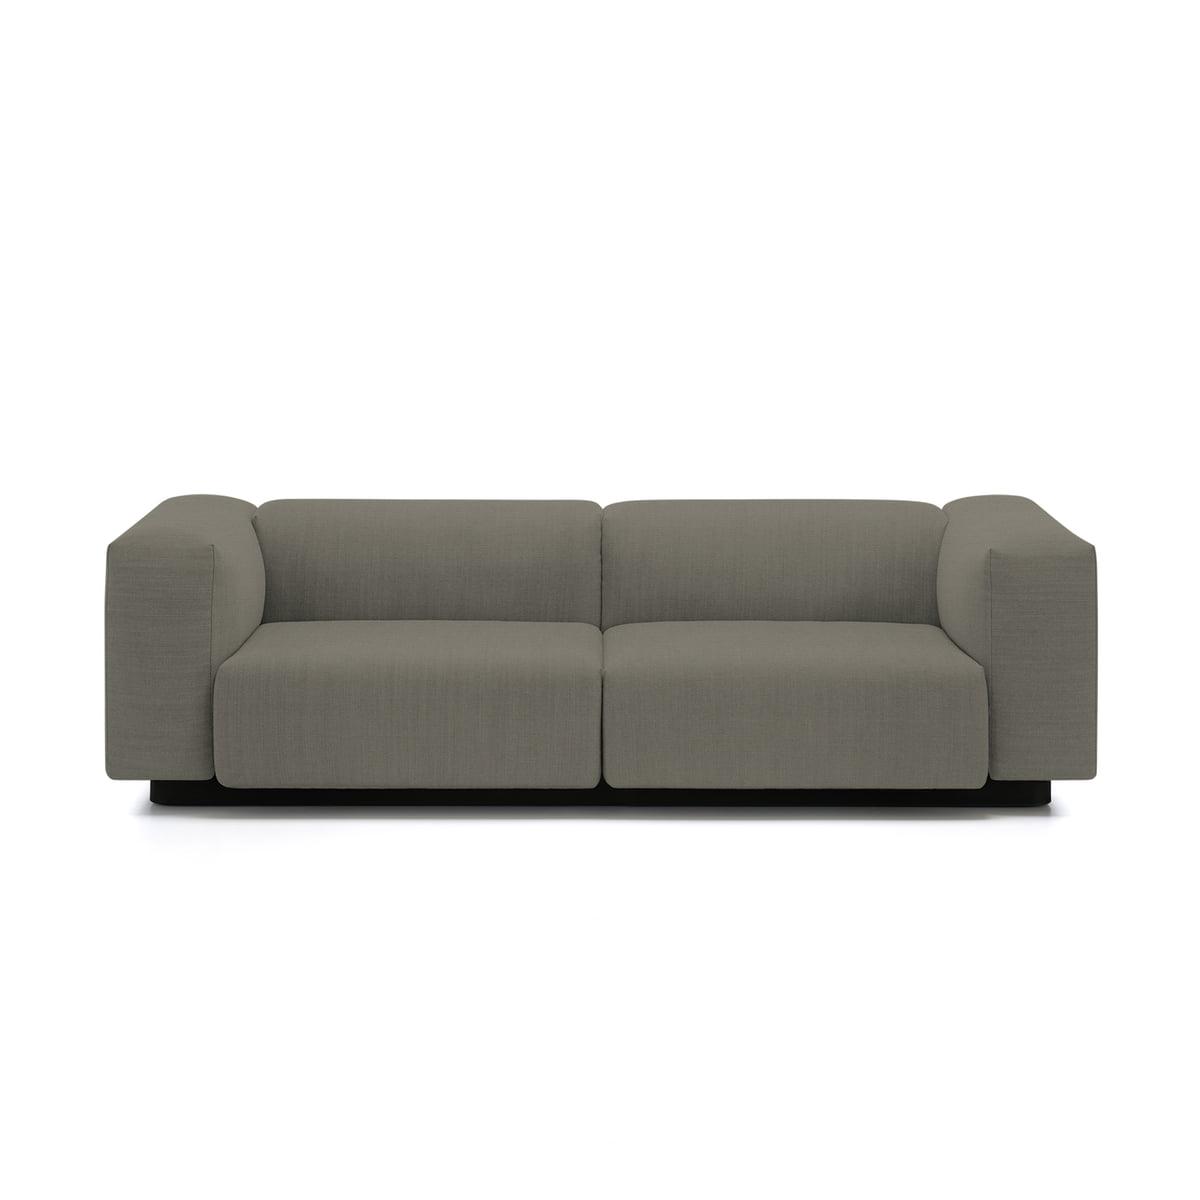 vitra sofa modular round bed soft 2 sitzer von connox